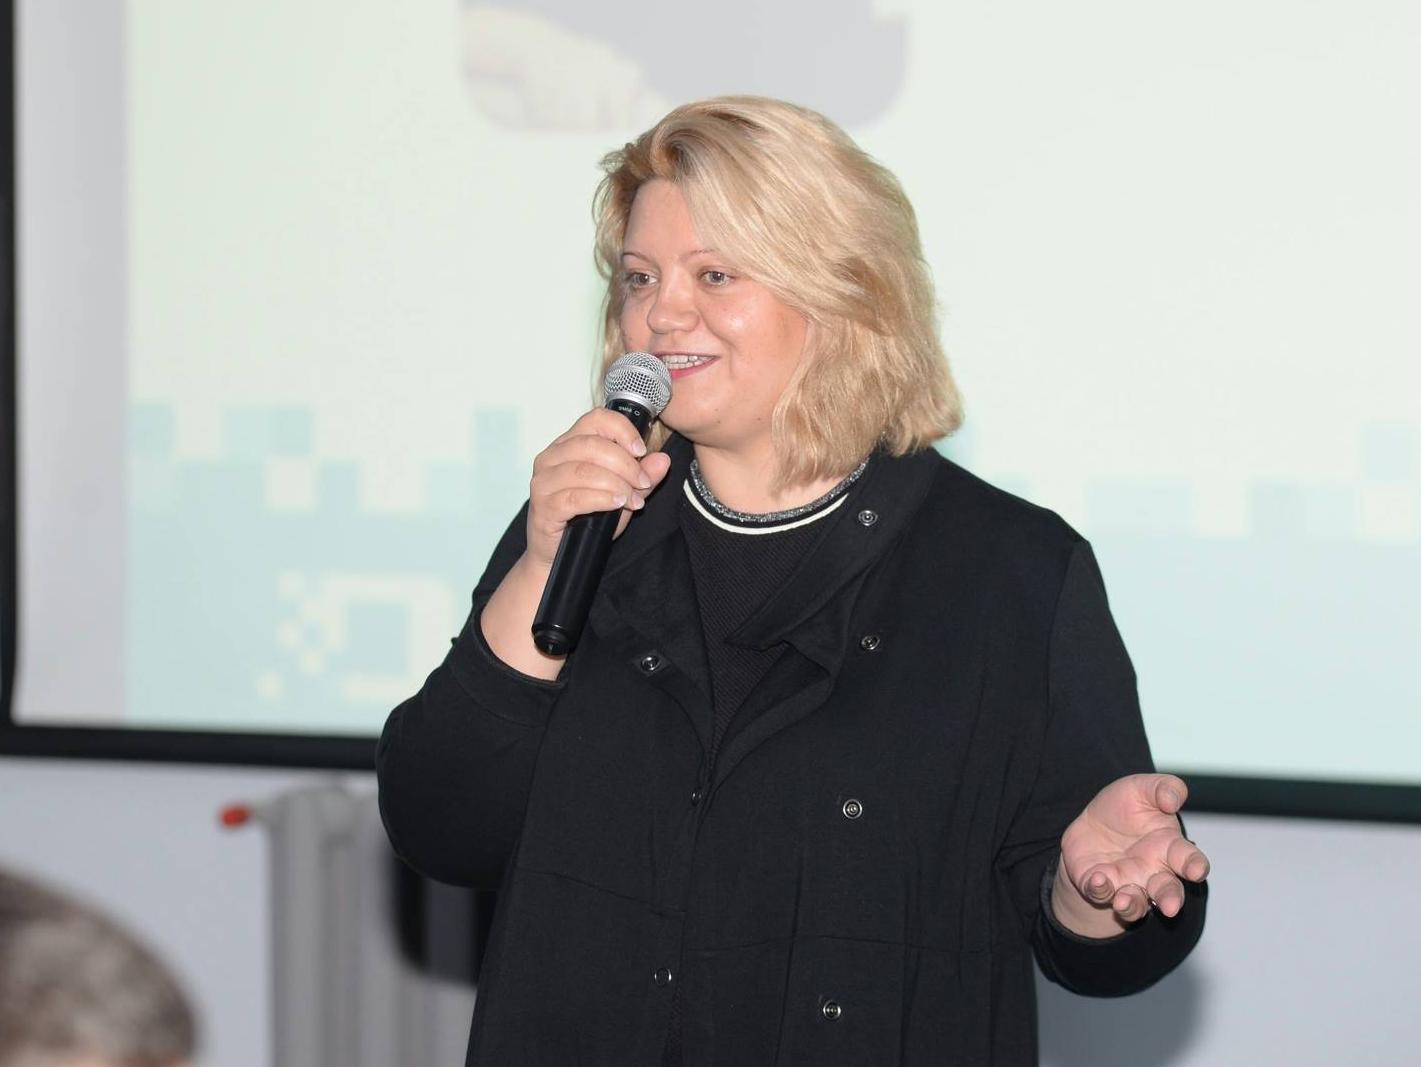 02 червня відбулася IV Всеукраїнська конференція «HRD-DIGITAL»